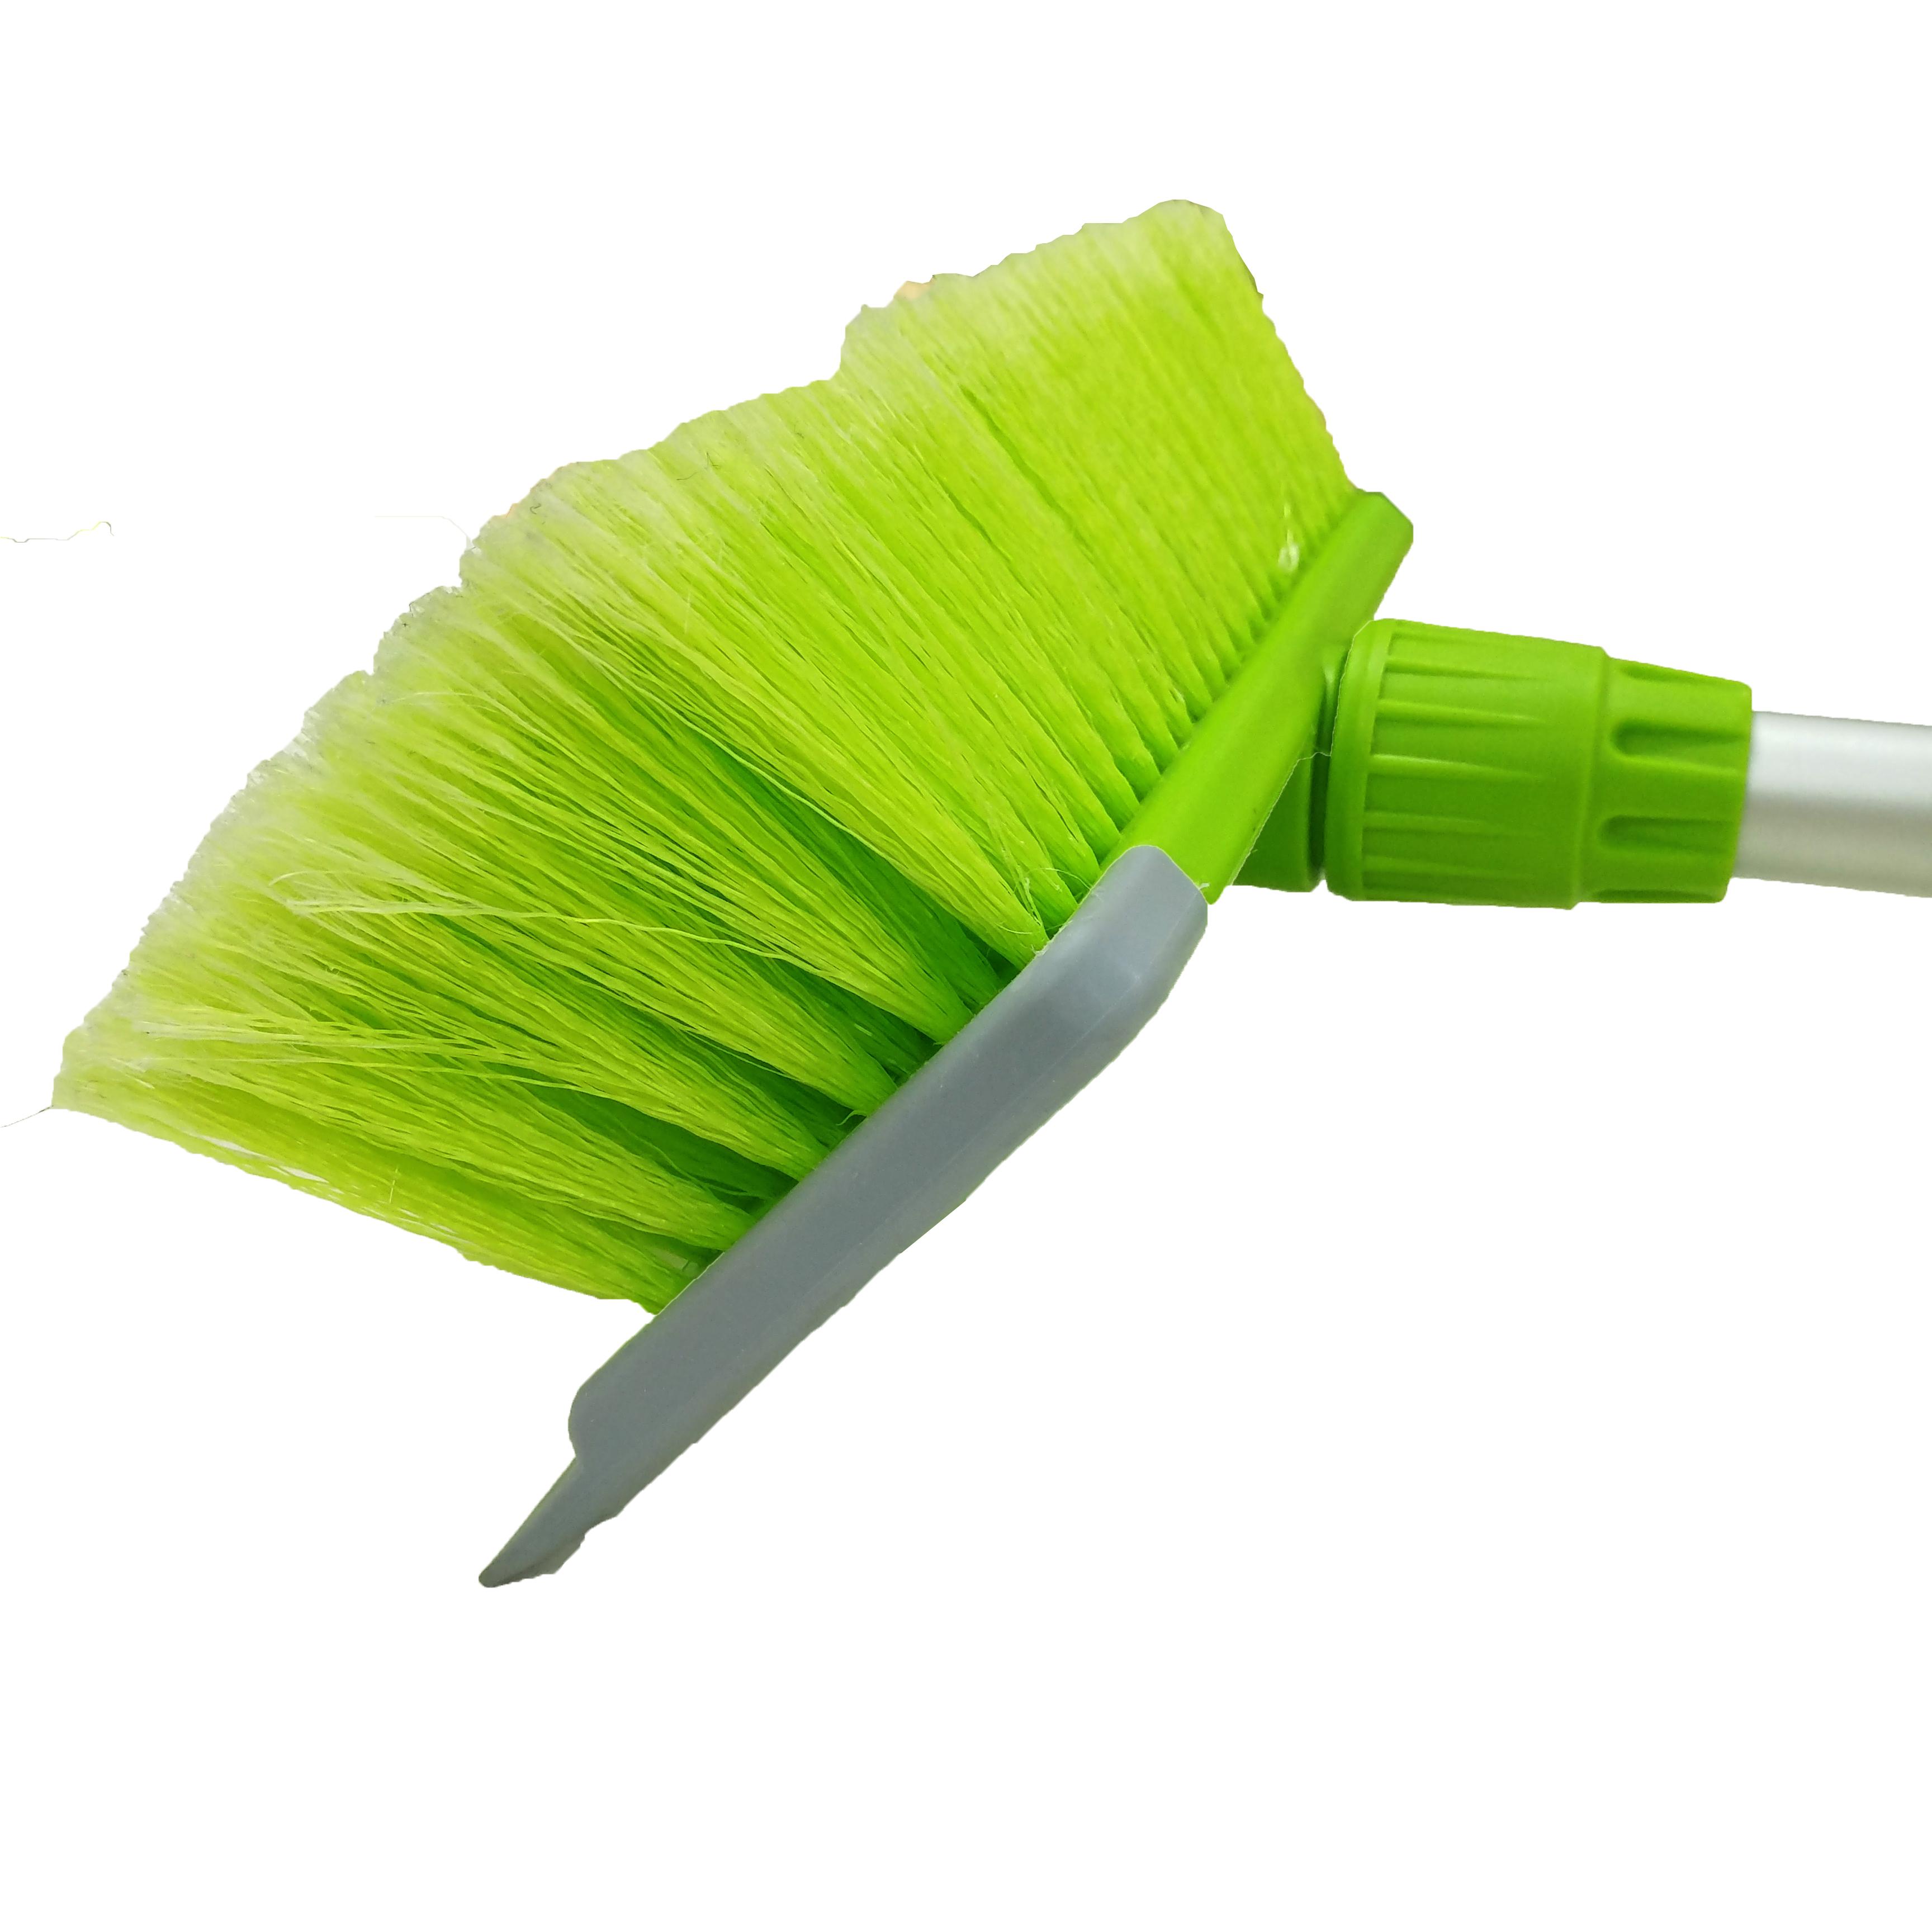 Телескопическая ручка, резиновый скребок, водный поток через щетку для мытья автомобиля, щетка с мягкой щетиной для чистки автомобильного распылителя @